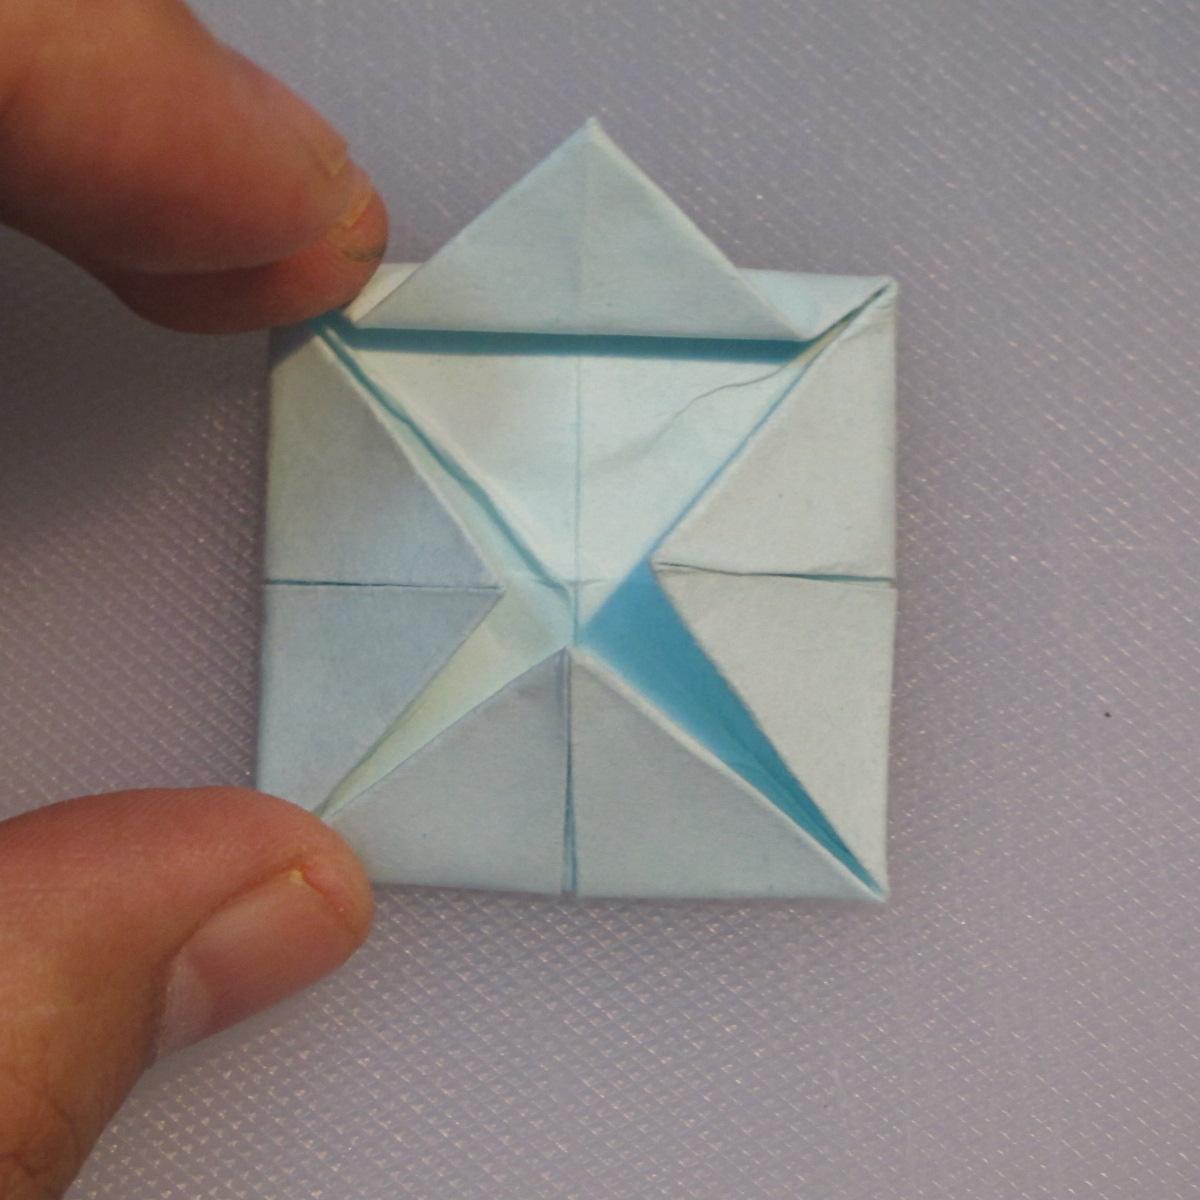 วิธีการพับกระดาษเป็นรูปโบว์ติดกล่องของขวัญ 008